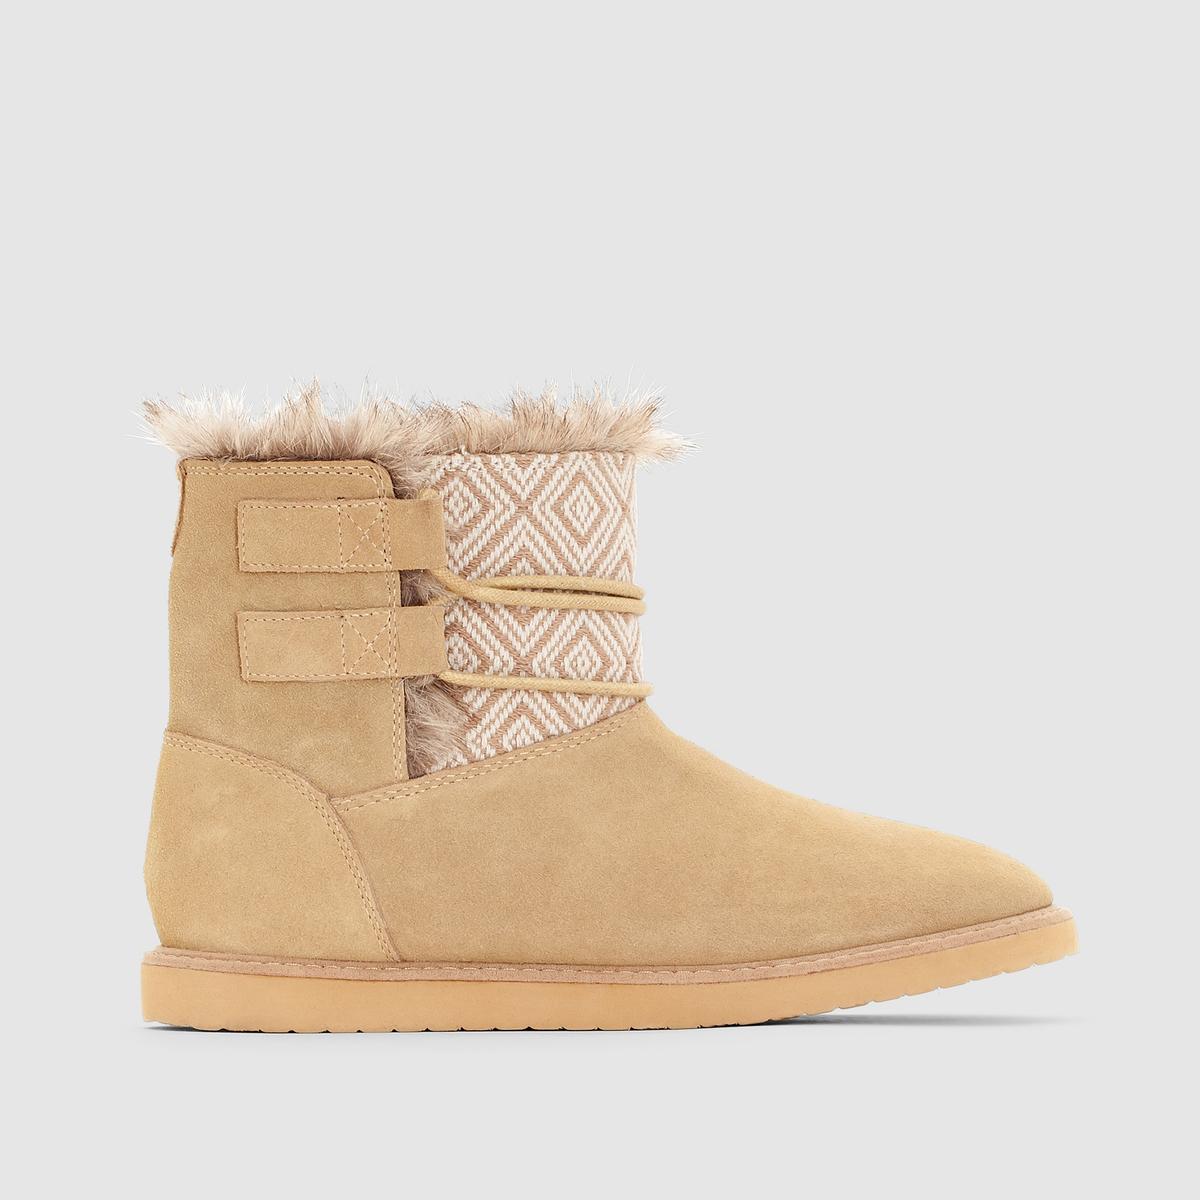 Ботинки Tara J Boot Tan tara 618 sonex